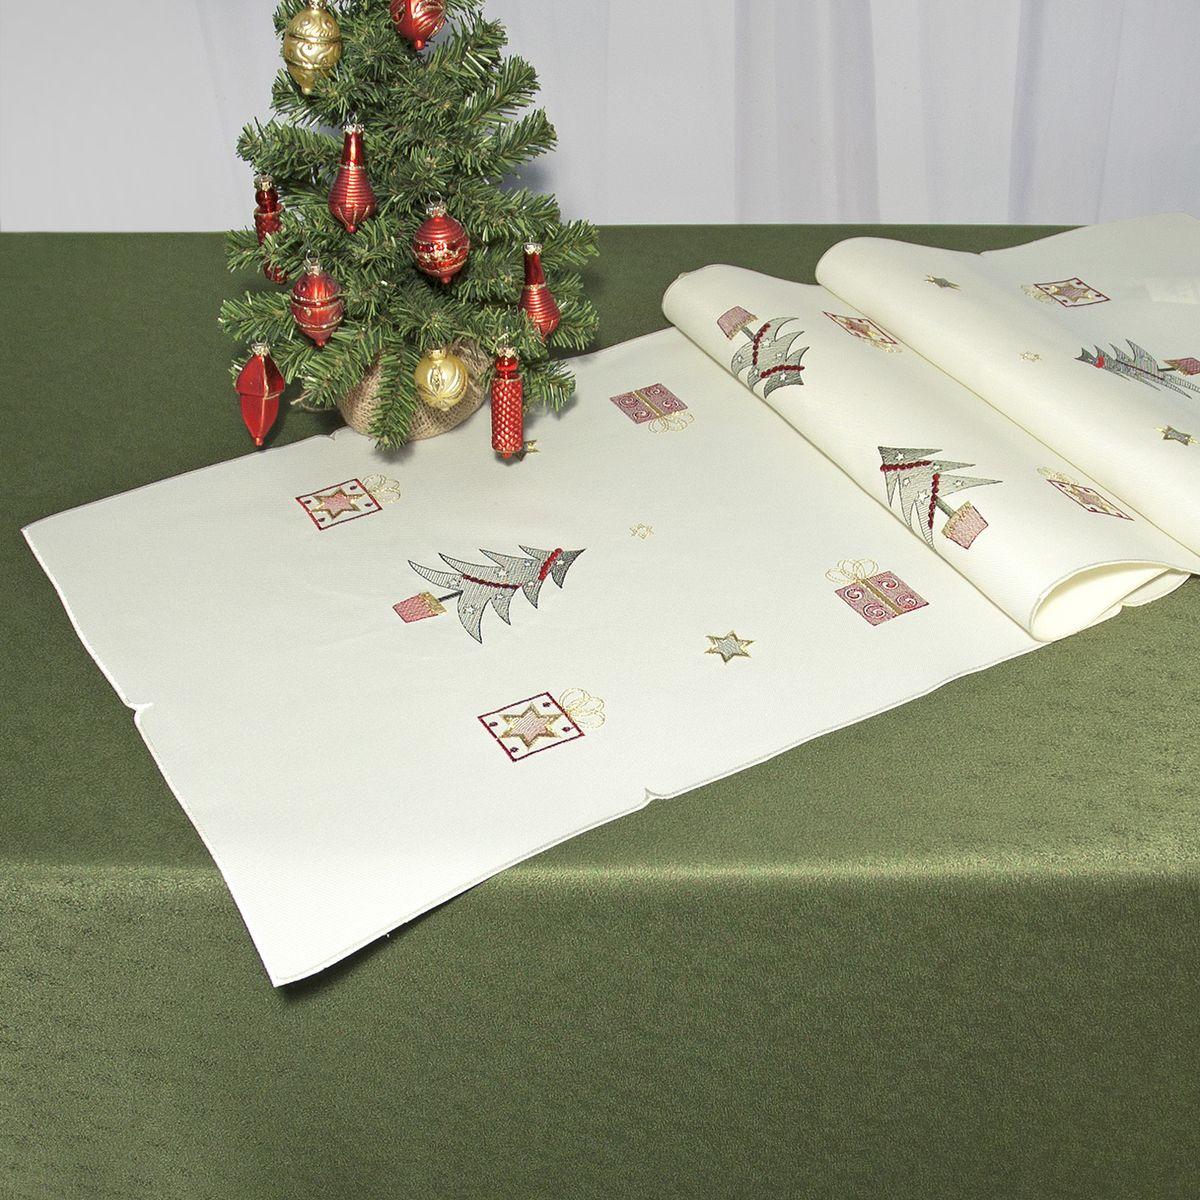 Дорожка для декорирования стола Schaefer, цвет: кремовый, 40 х 140 см 07448-21107448-211Дорожка Schaefer, выполненная из полиэстера, станет изысканным украшением интерьера в преддверии Нового года. Изделие декорировано красивой вышивкой в виде елочек и подарков. Такую дорожку можно использовать для украшения комодов, тумб и столов. За текстилем из полиэстера очень легко ухаживать: он легко стирается, не мнется, не садится и быстро сохнет, более долговечен, чем текстиль из натуральных волокон.Такая дорожка изящно дополнит интерьер вашего дома.